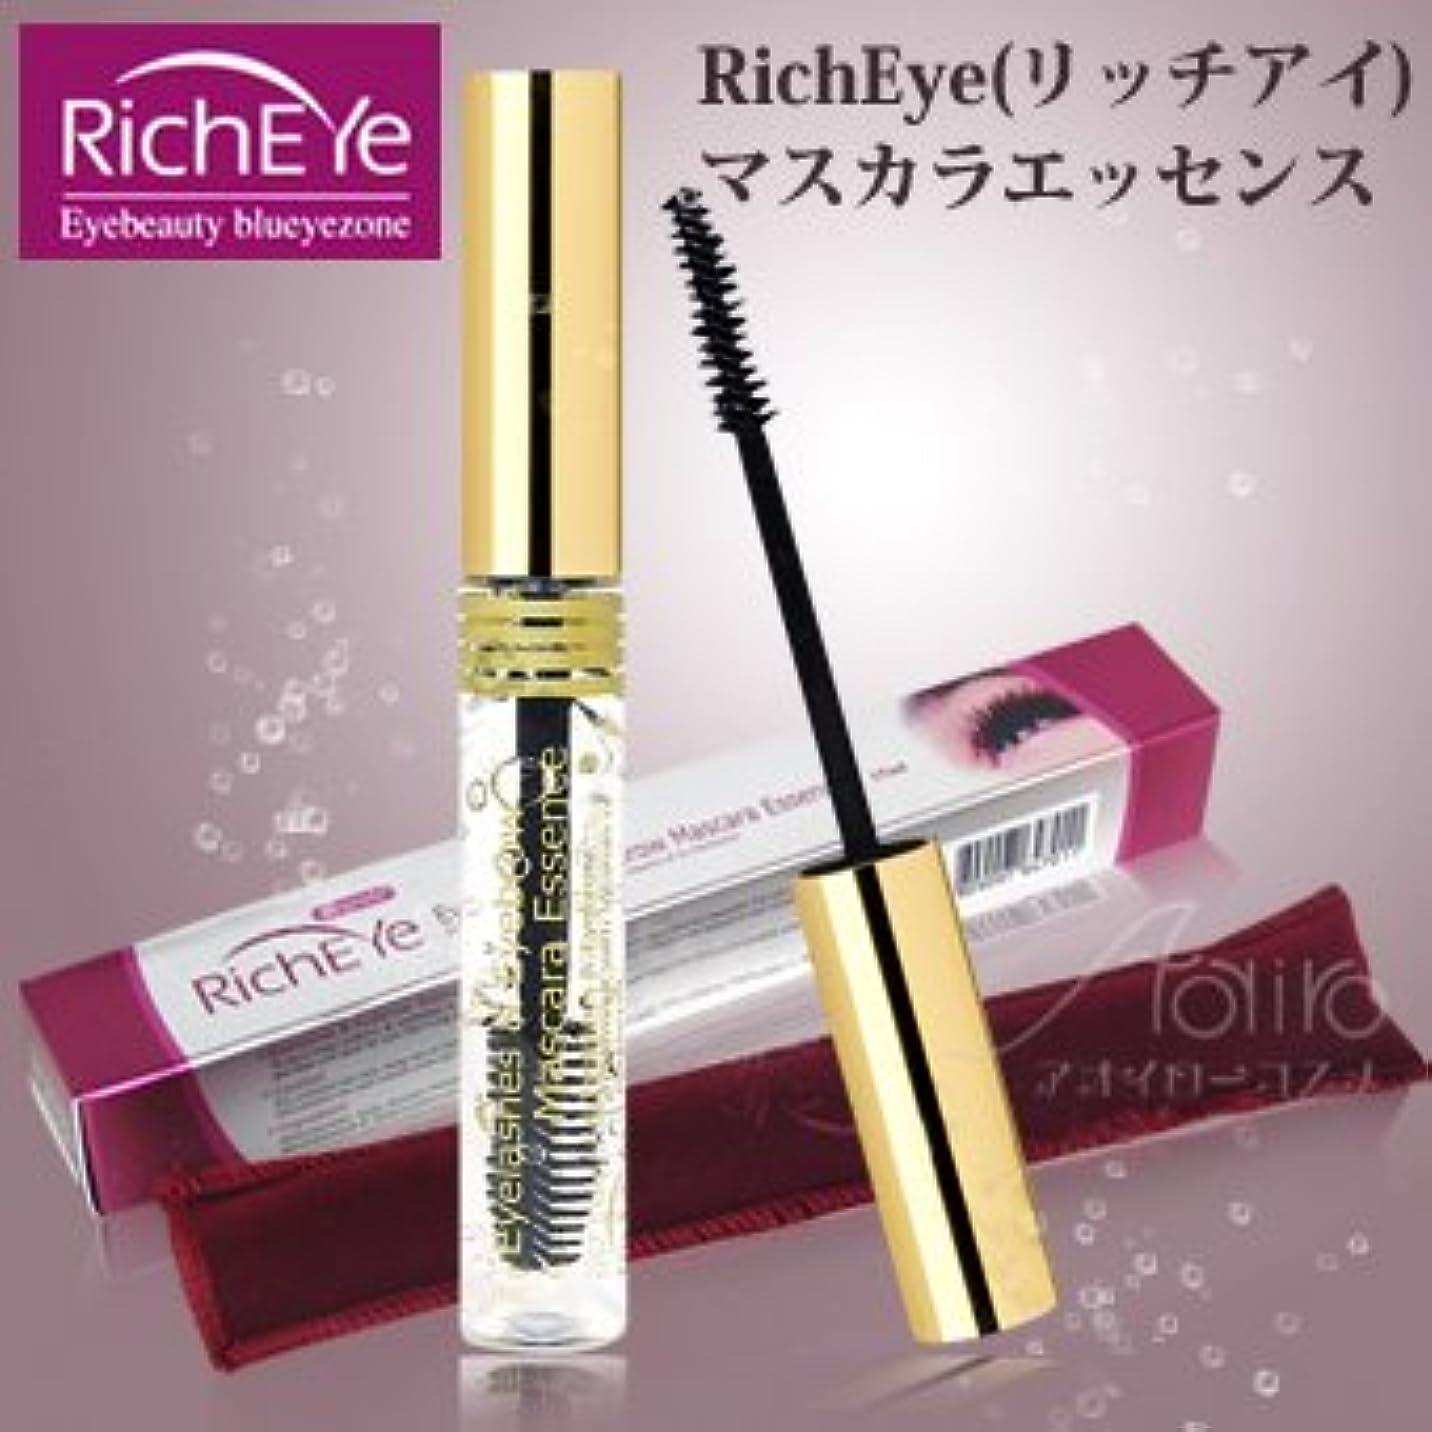 ペフ理想的定説RichEye(リッチアイ)マスカラエッセンス (3個セット)